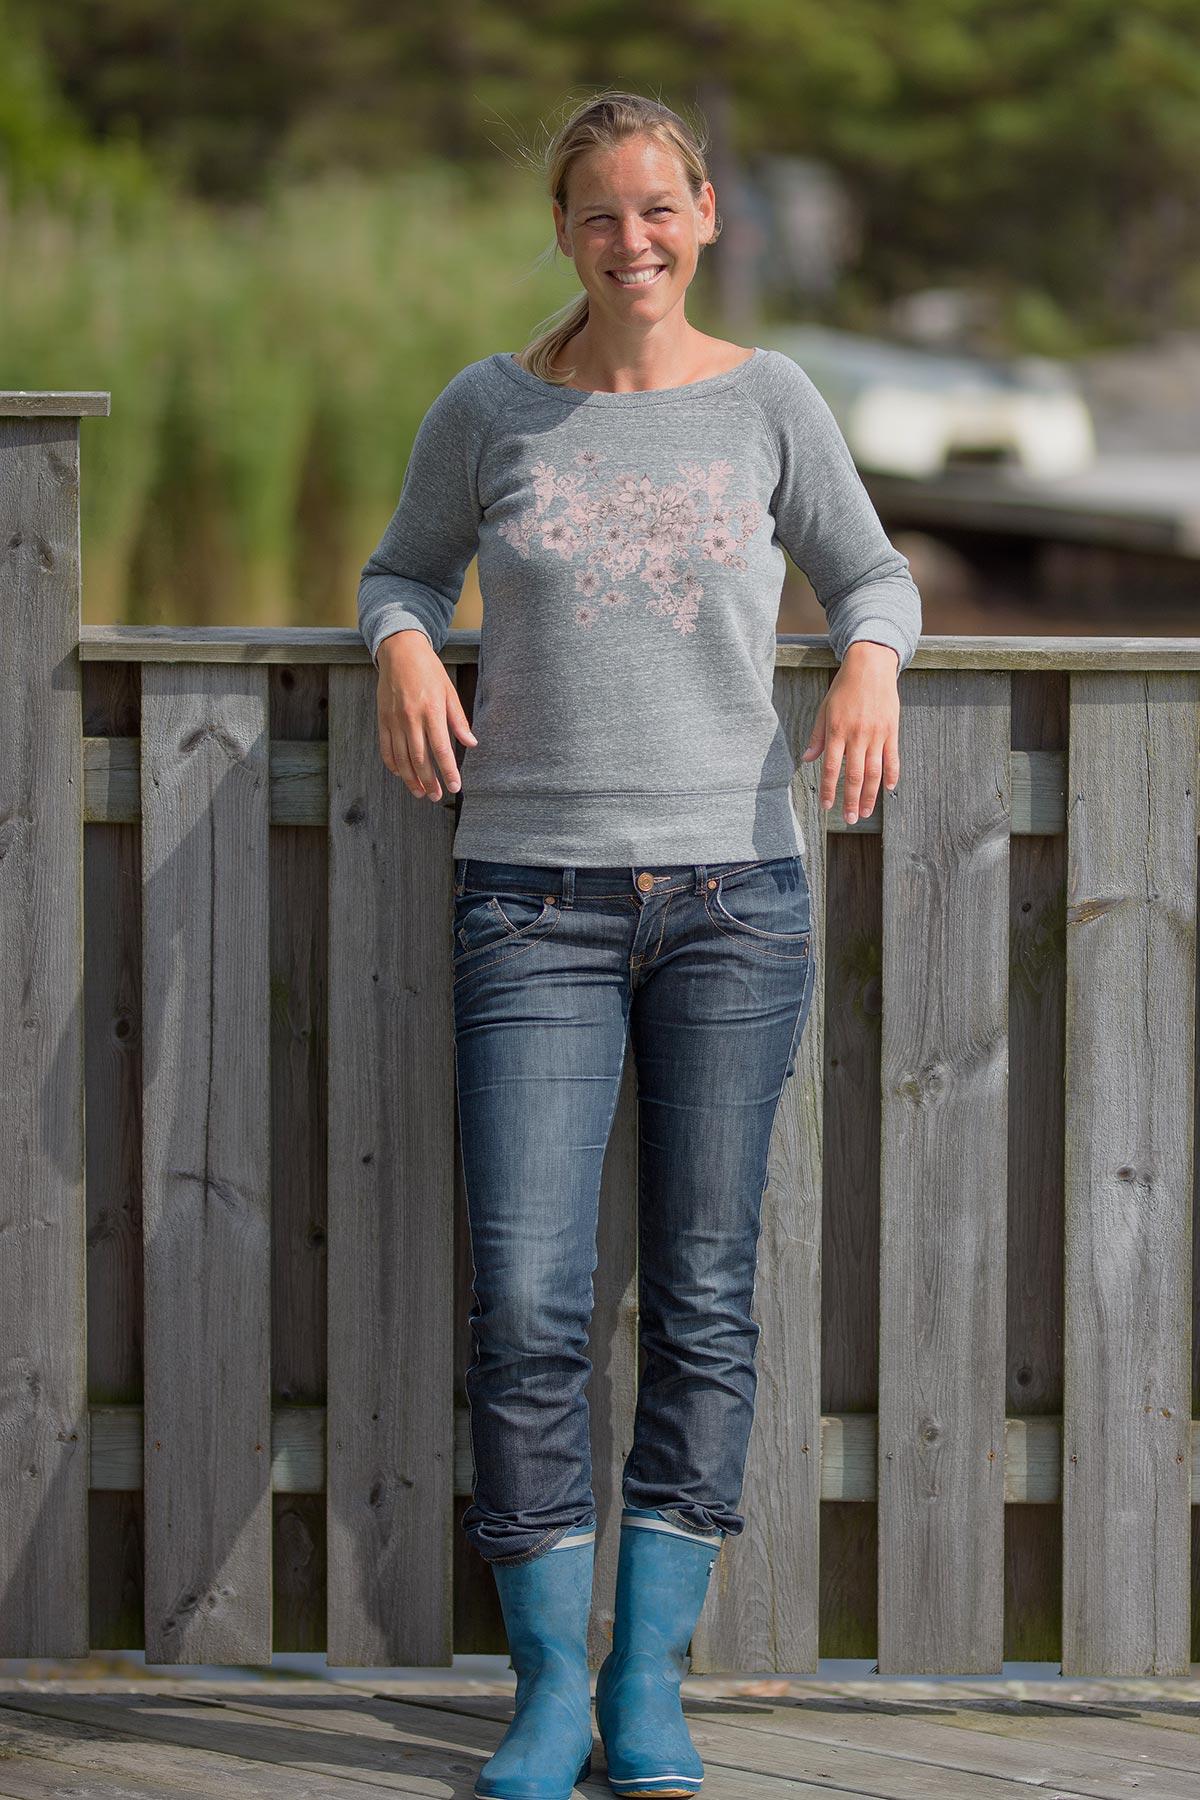 Gråmelerad sweatshirt i mjuk härlig kvalité med båtringning och fint rosa tryck av blommor.